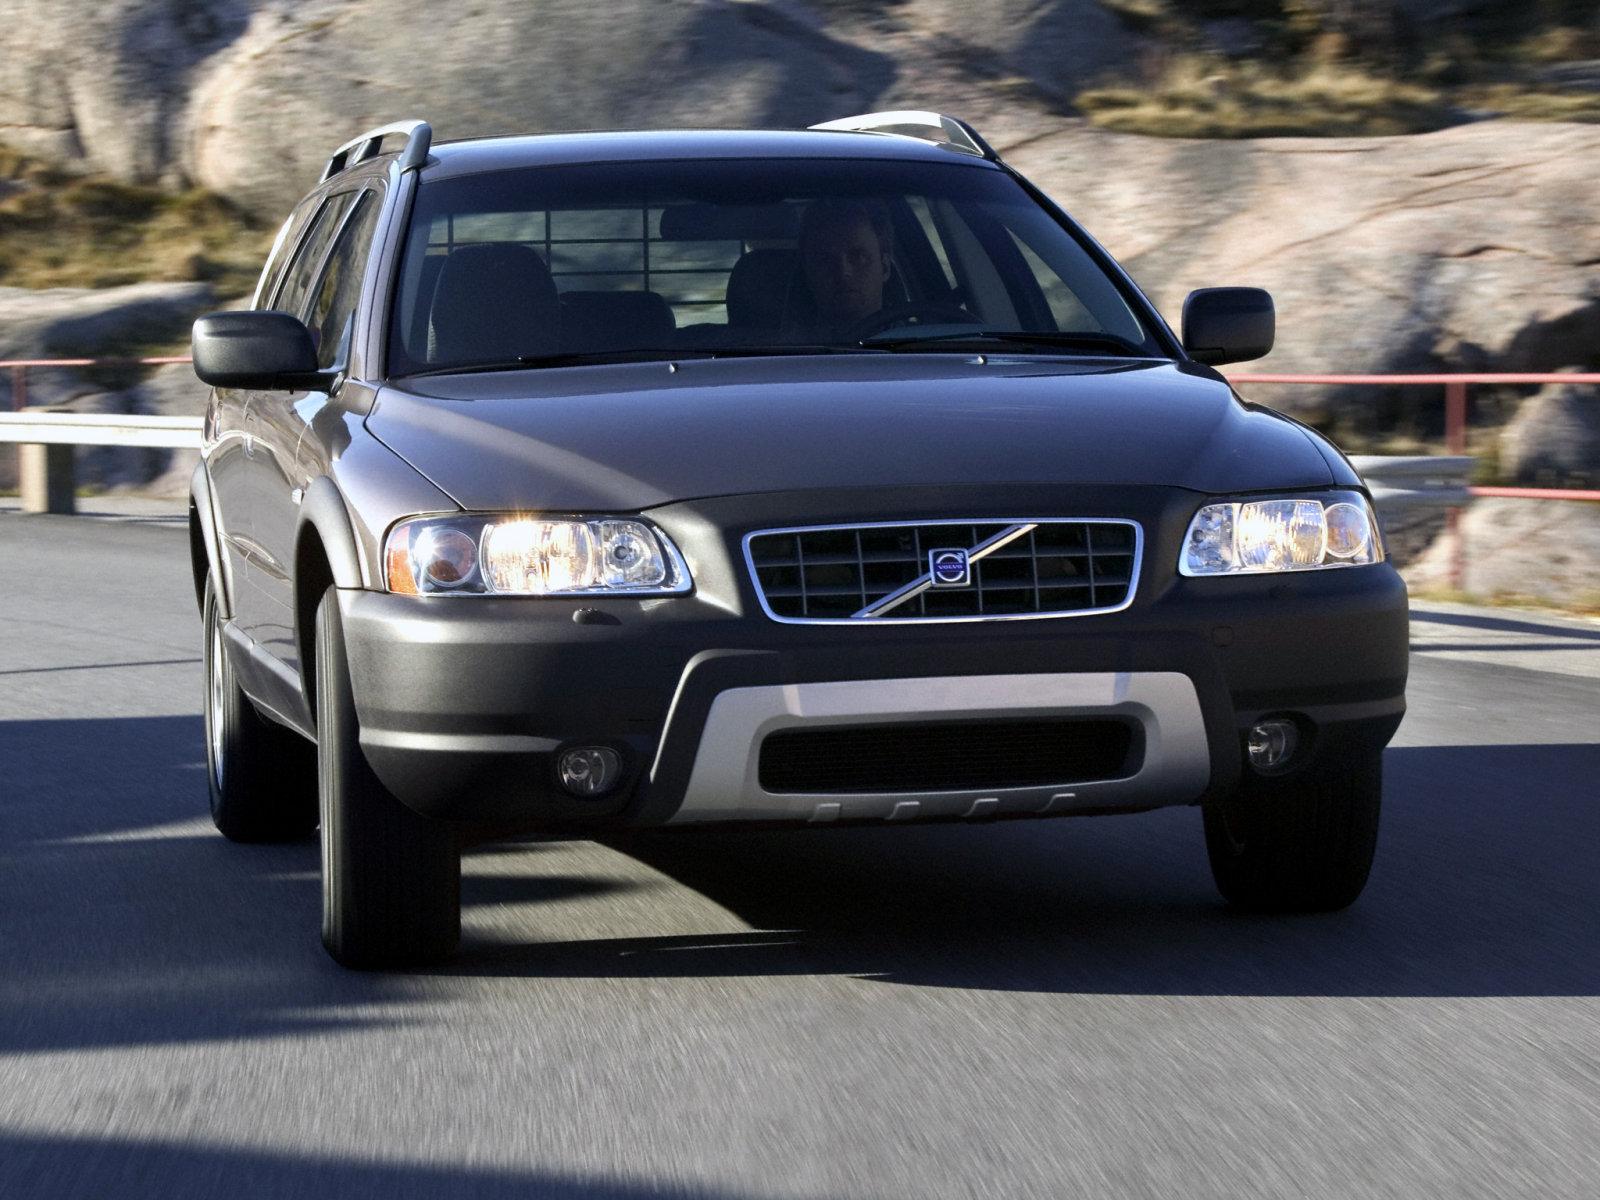 Volvo (Вольво) XC70 2004-2007 г.